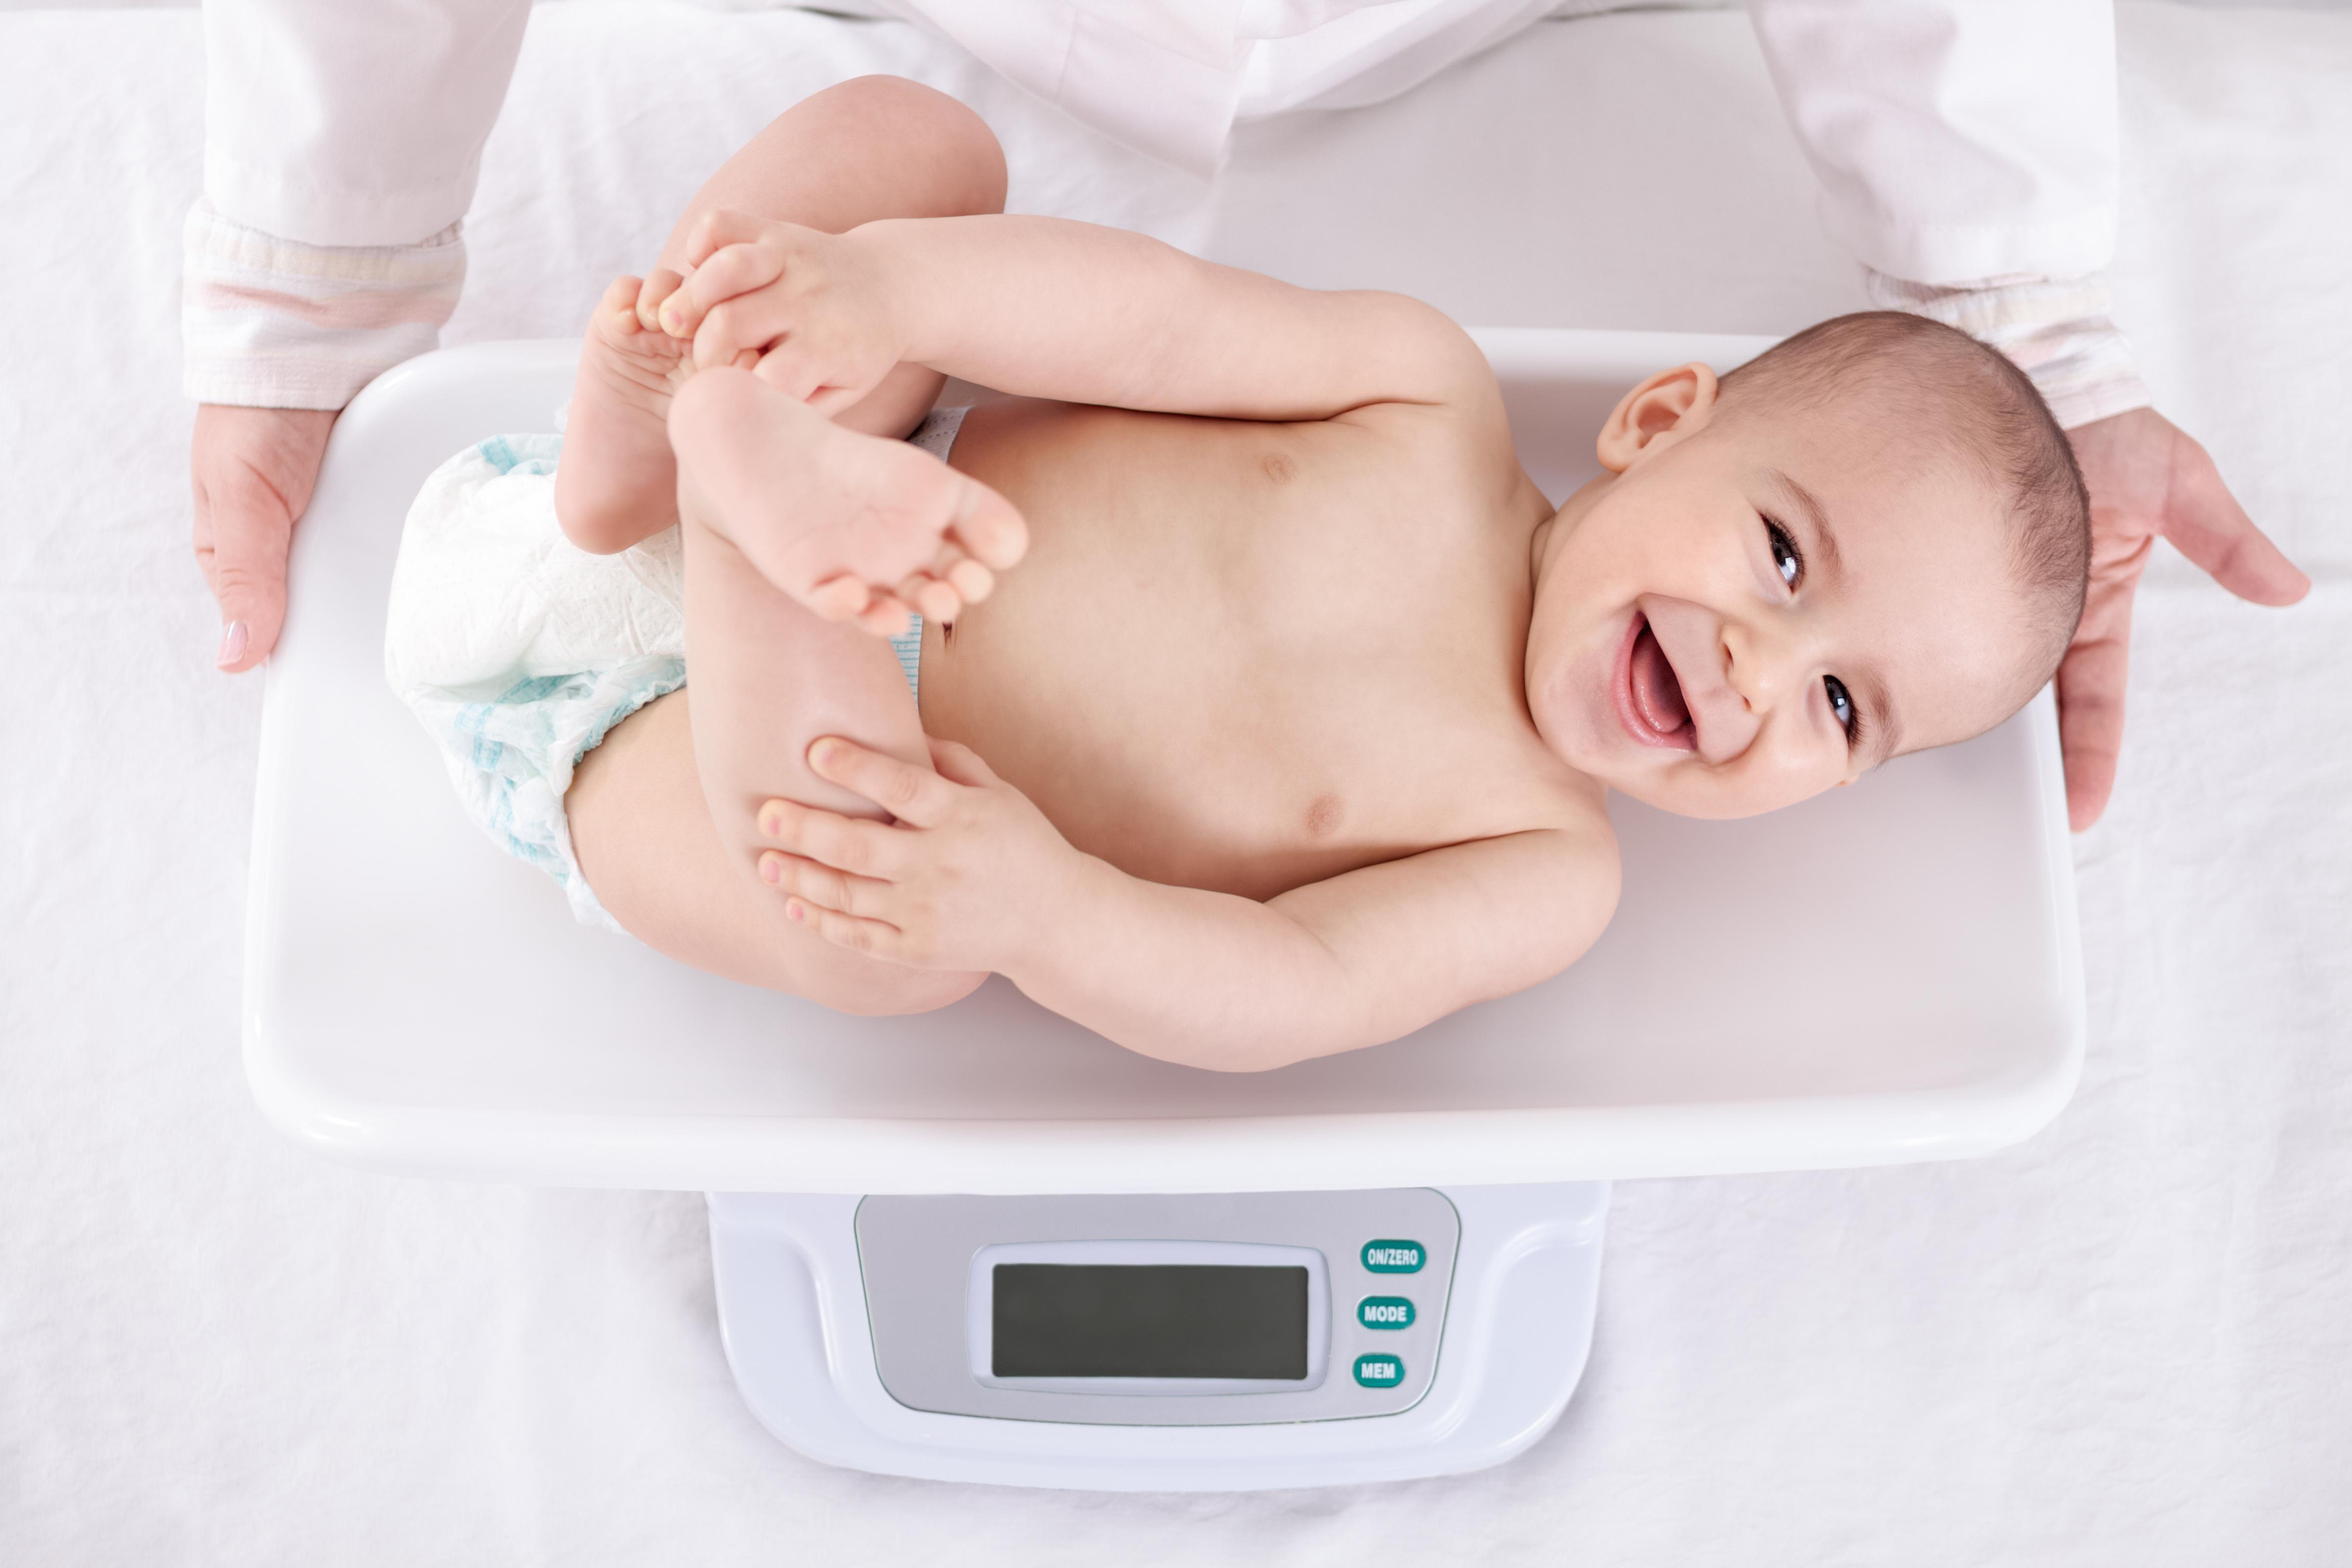 Un risque accru de surpoids ou d'obésité est observé dans l'analyse de sous-groupe du deuxième trimestre de grossesse